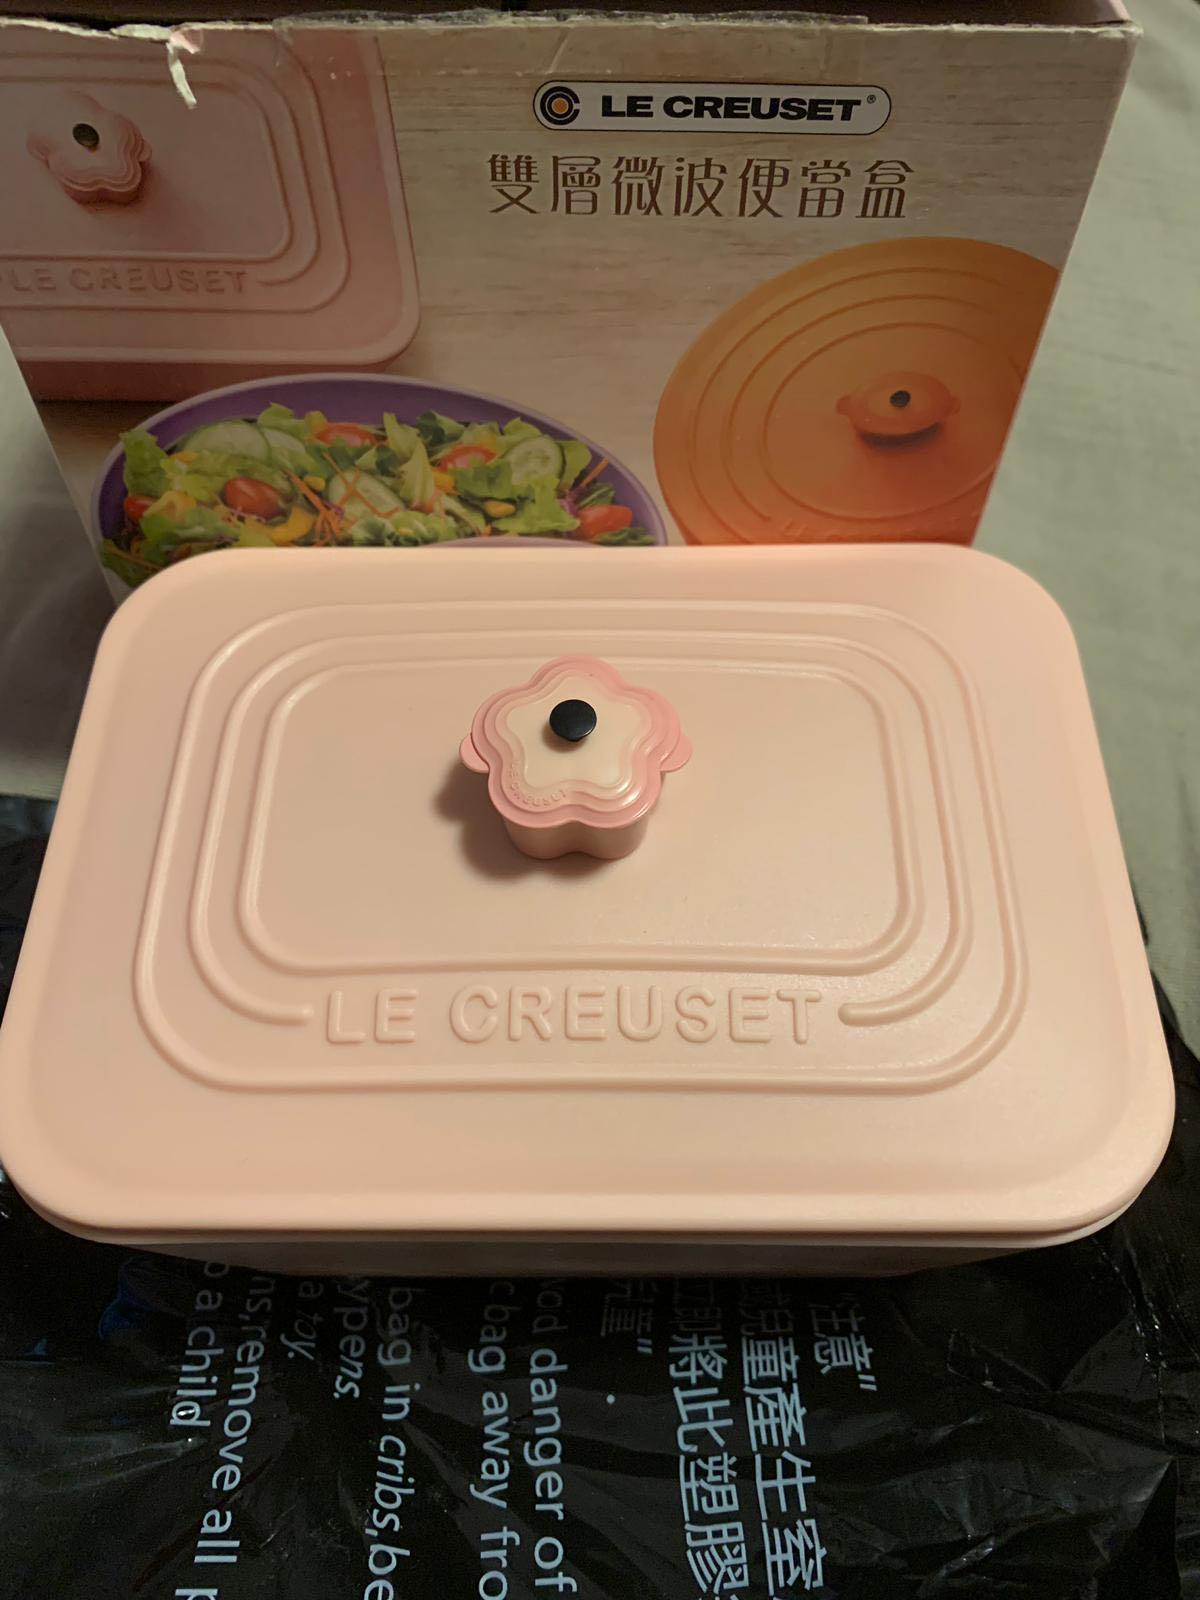 Le Creuset 飯盒